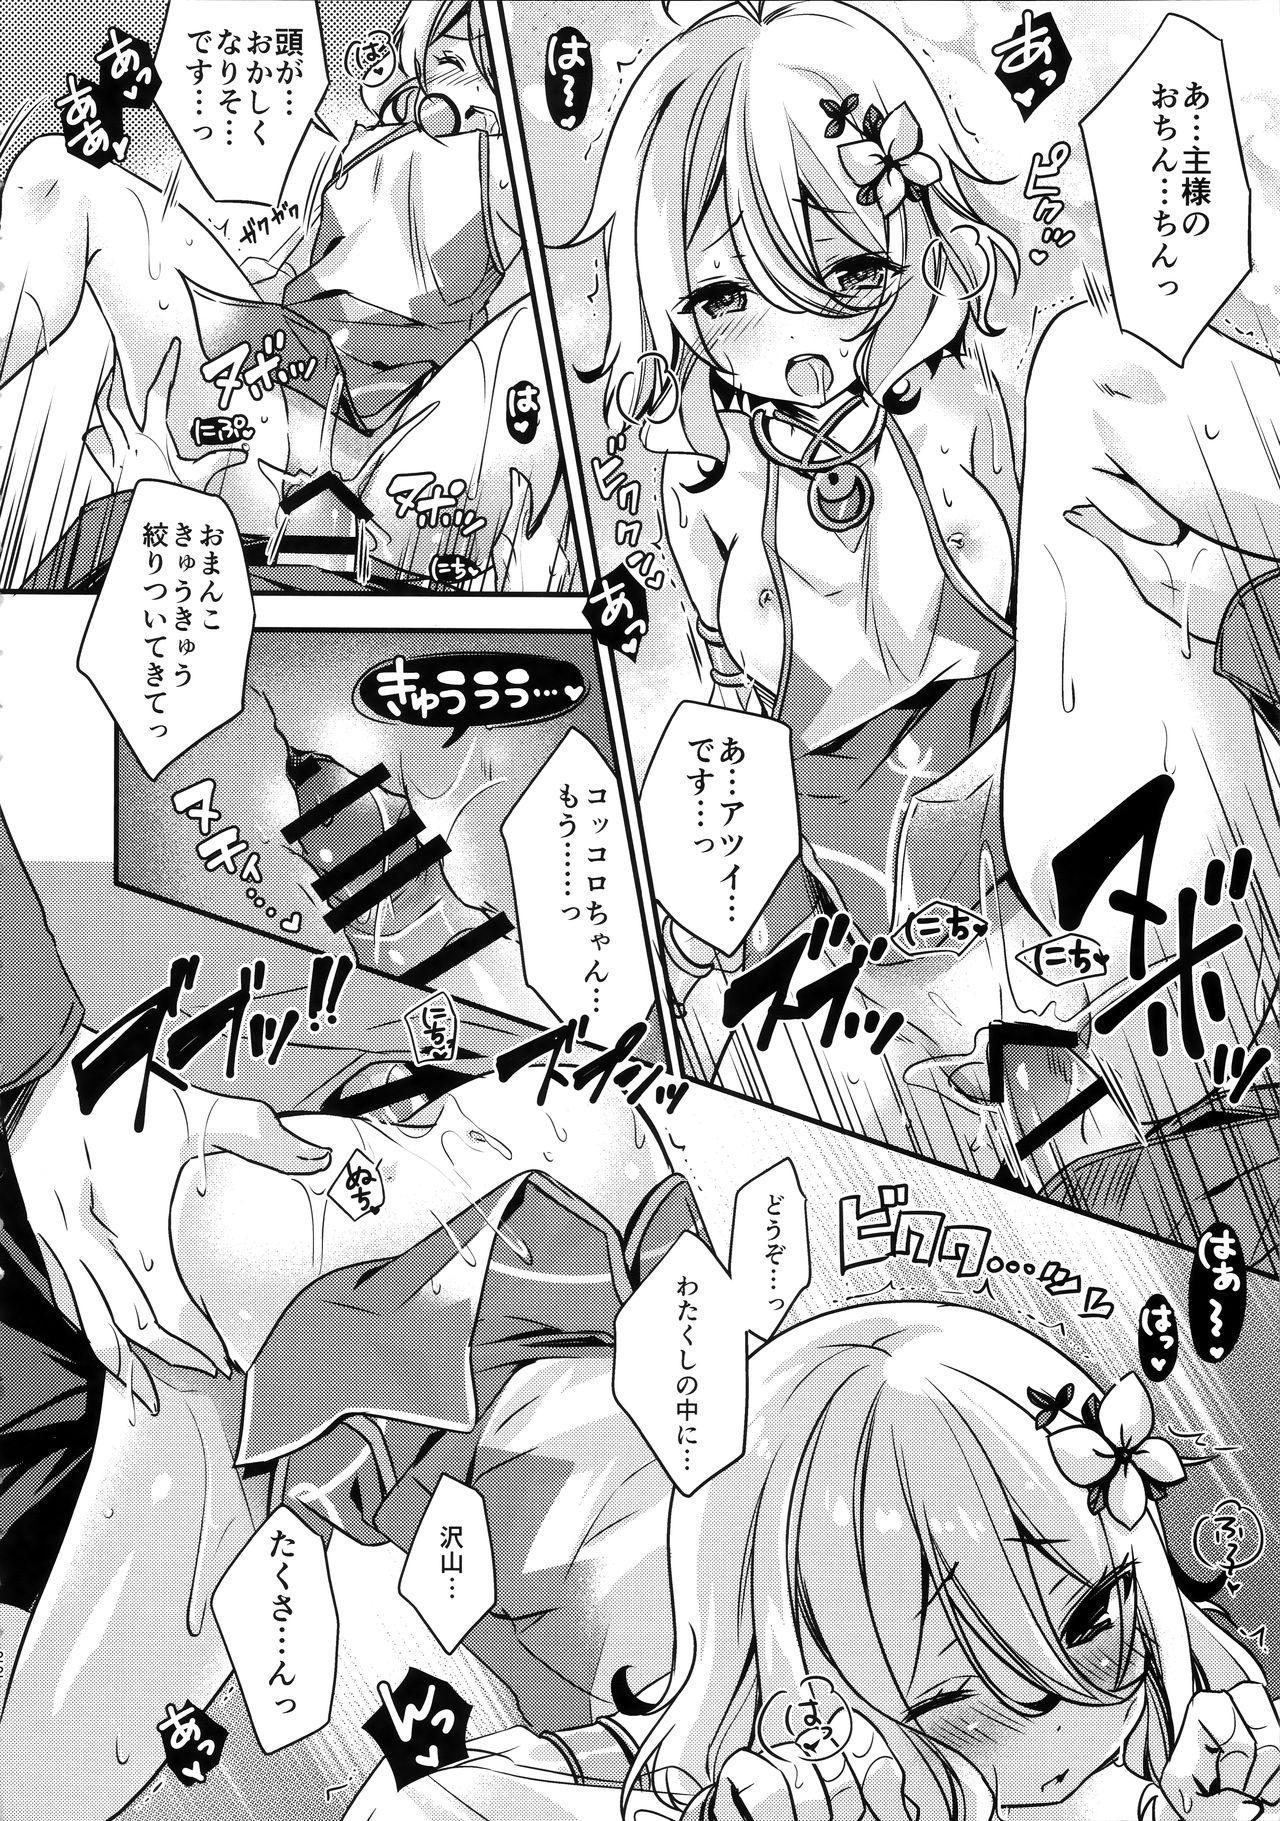 Peco-chan Onegai! 21